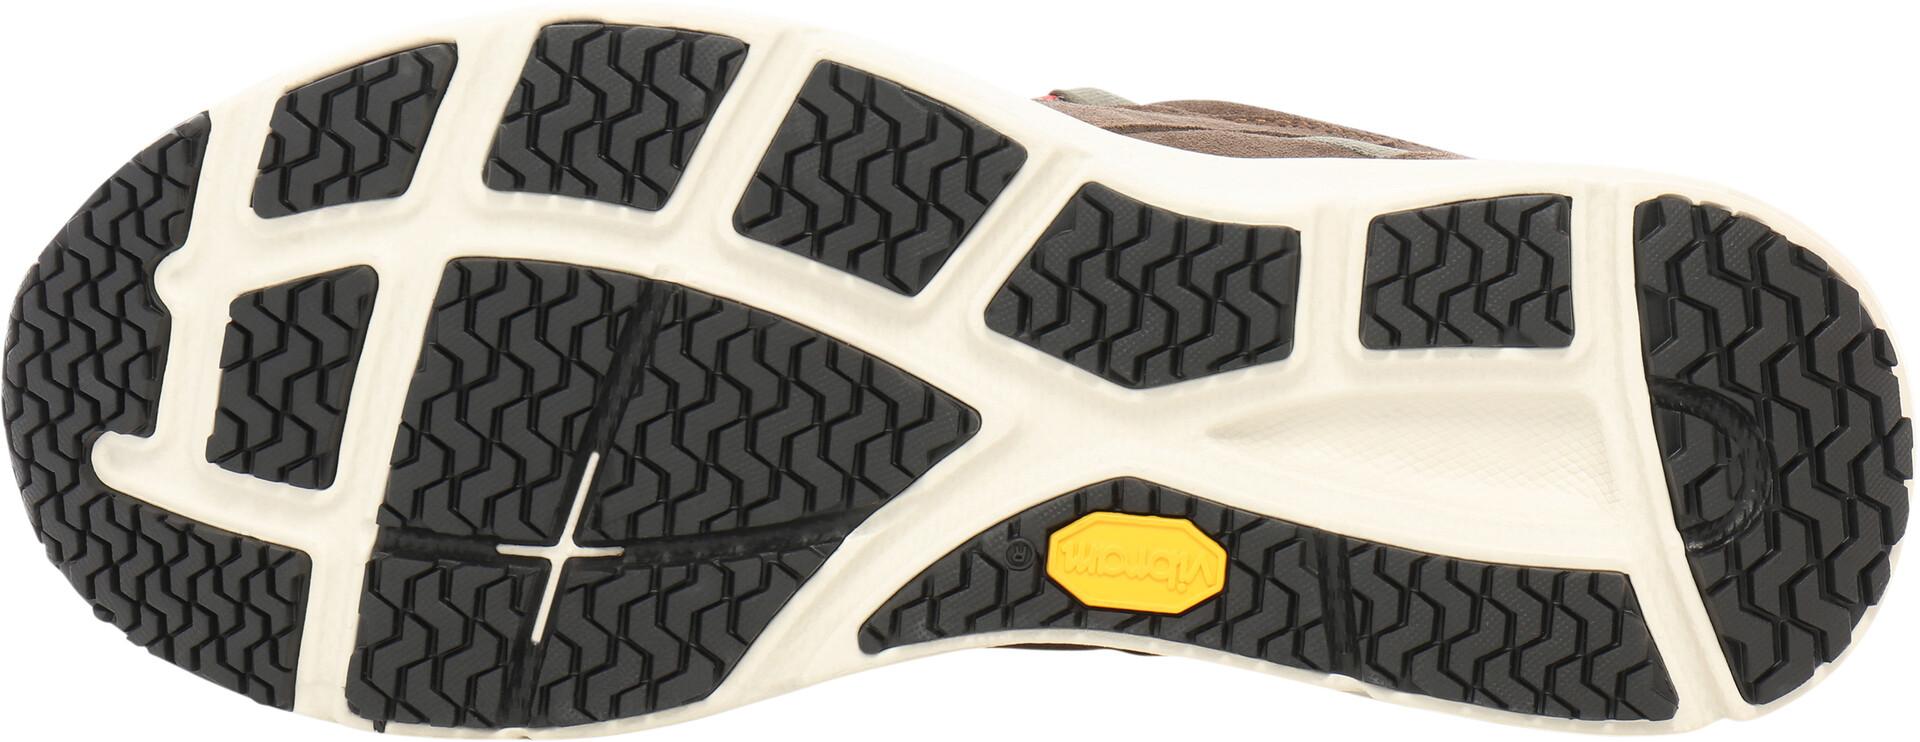 Salomon Techamphibian 4 Water Shoes SS19